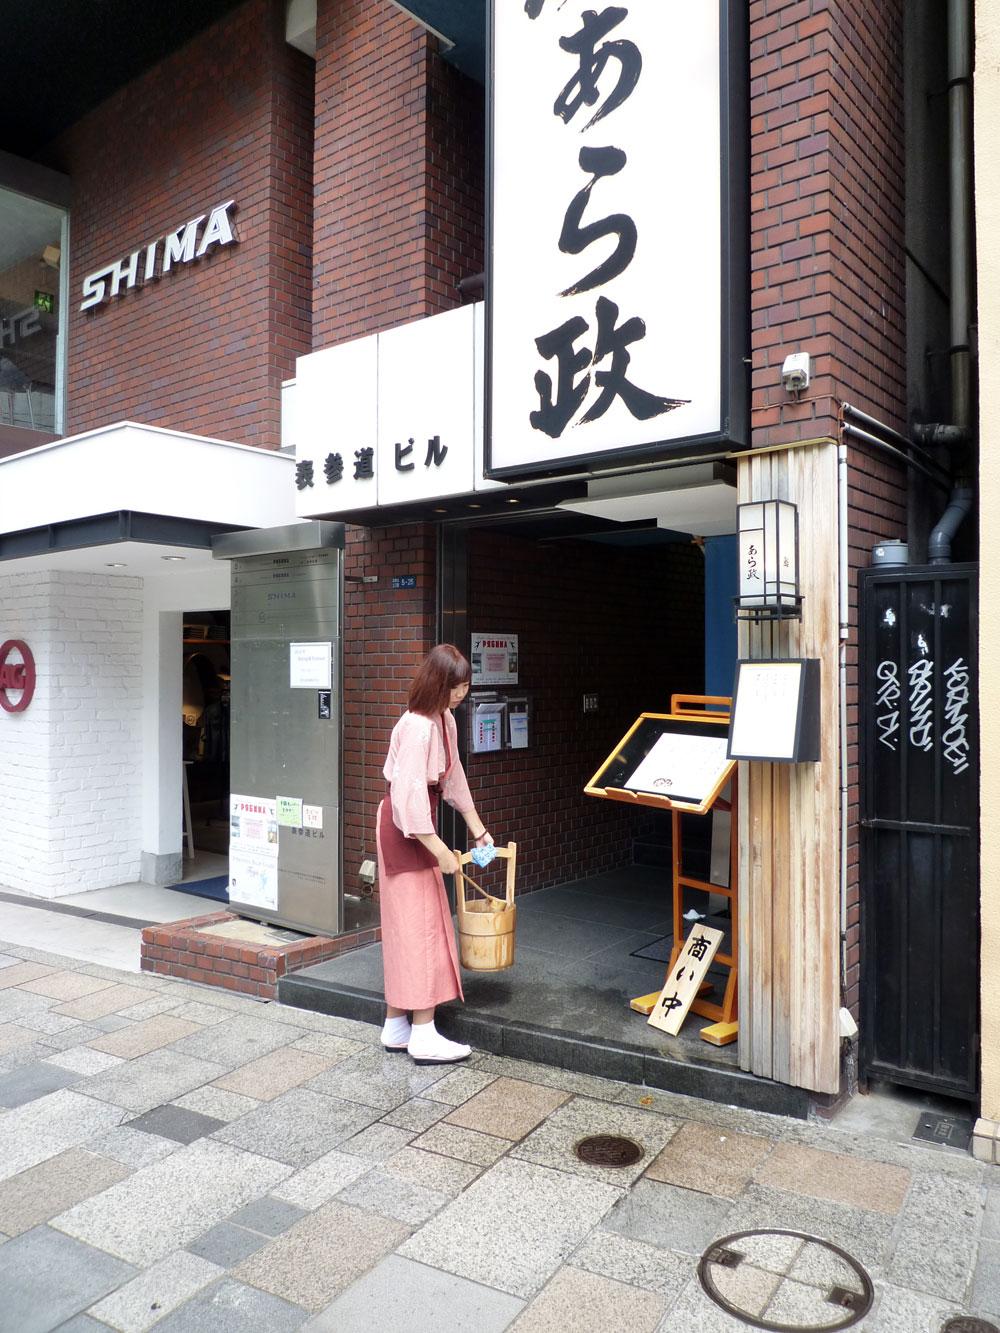 JapanByMicheleMoricci-Tokyo#10